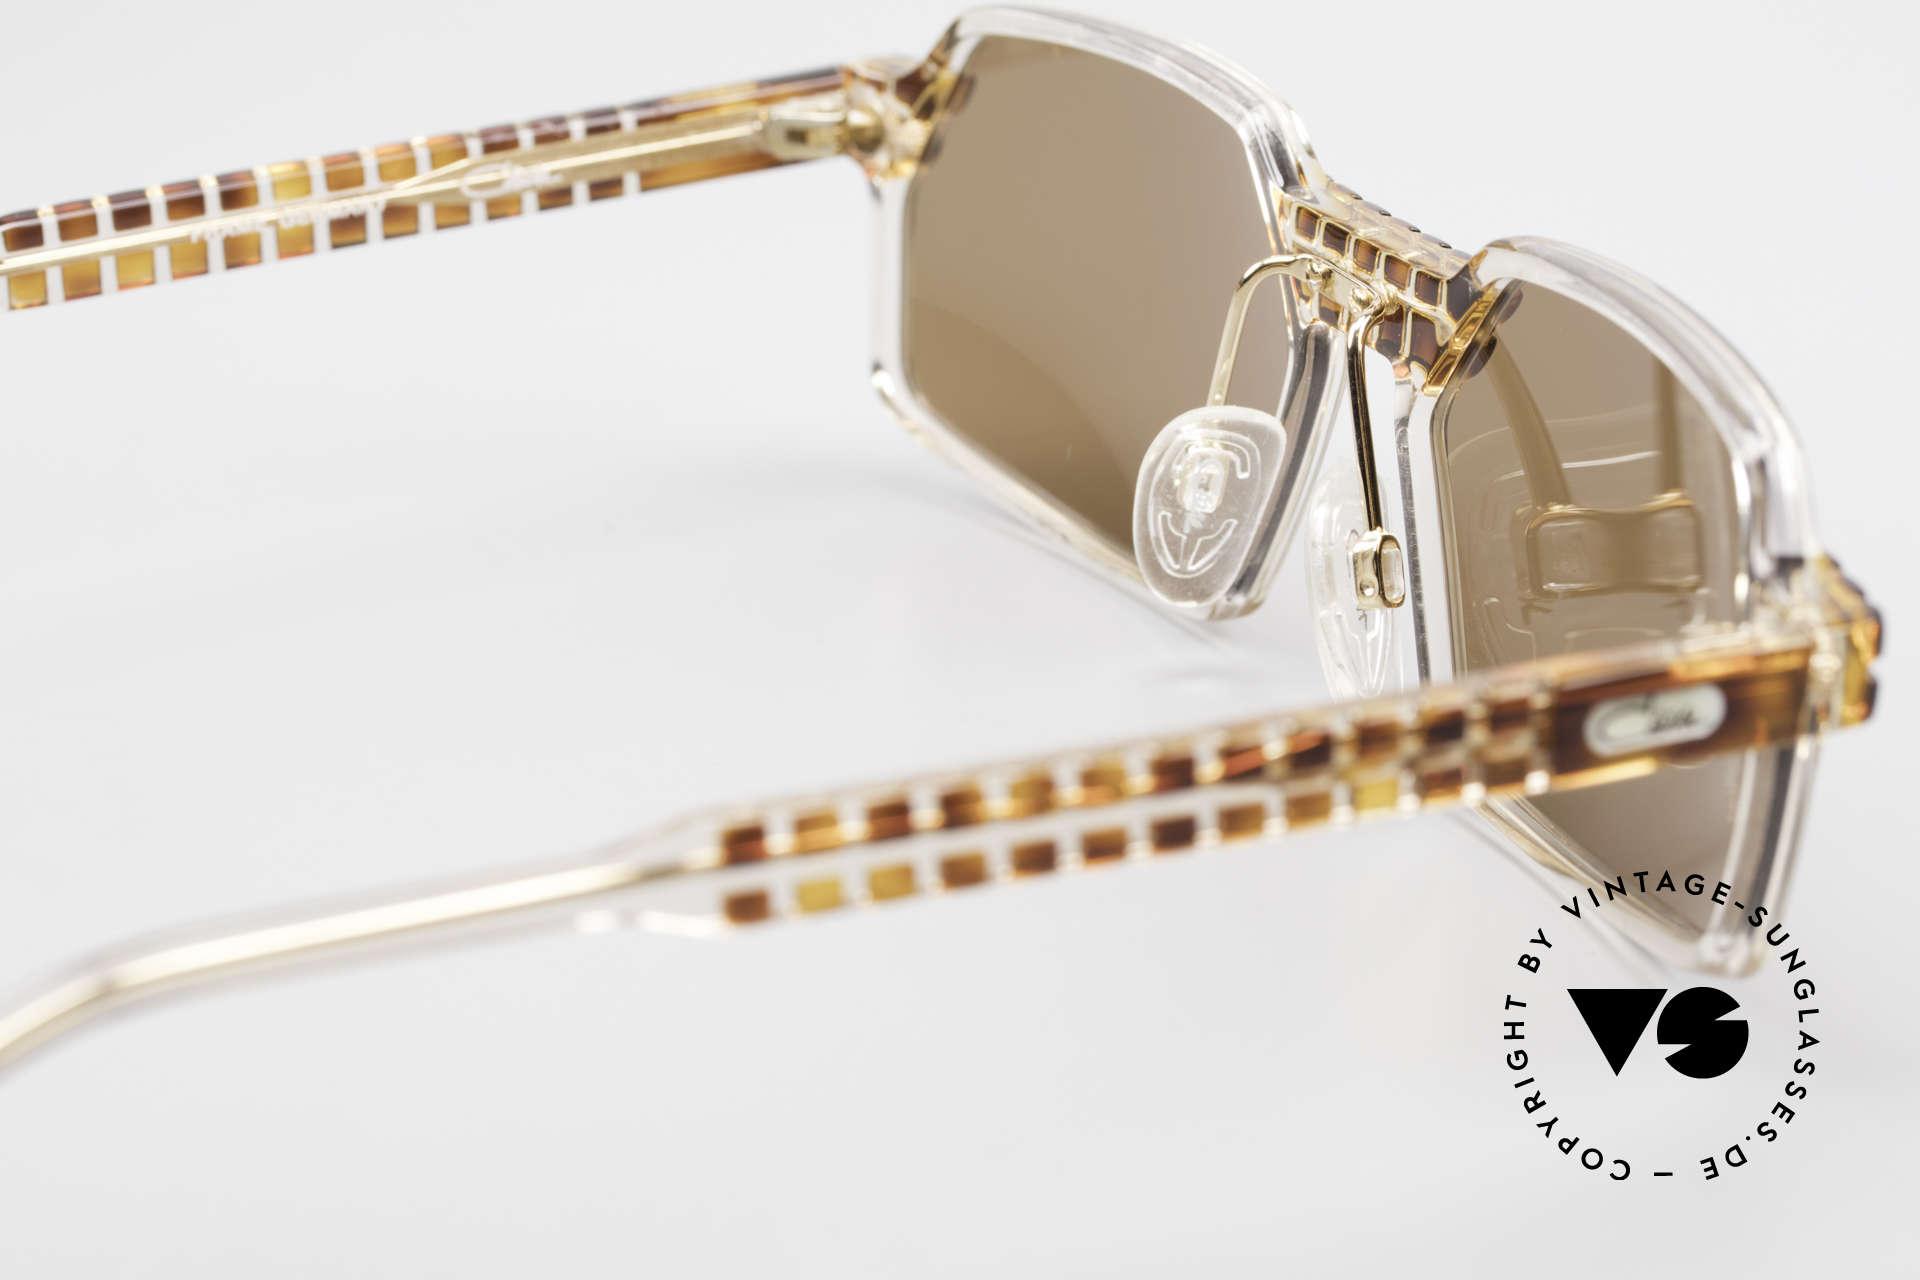 Cazal 511 Limited 90er Sonnenbrille Oval, dunkelbraune Sonnengläser für 100% UV Protection, Passend für Herren und Damen